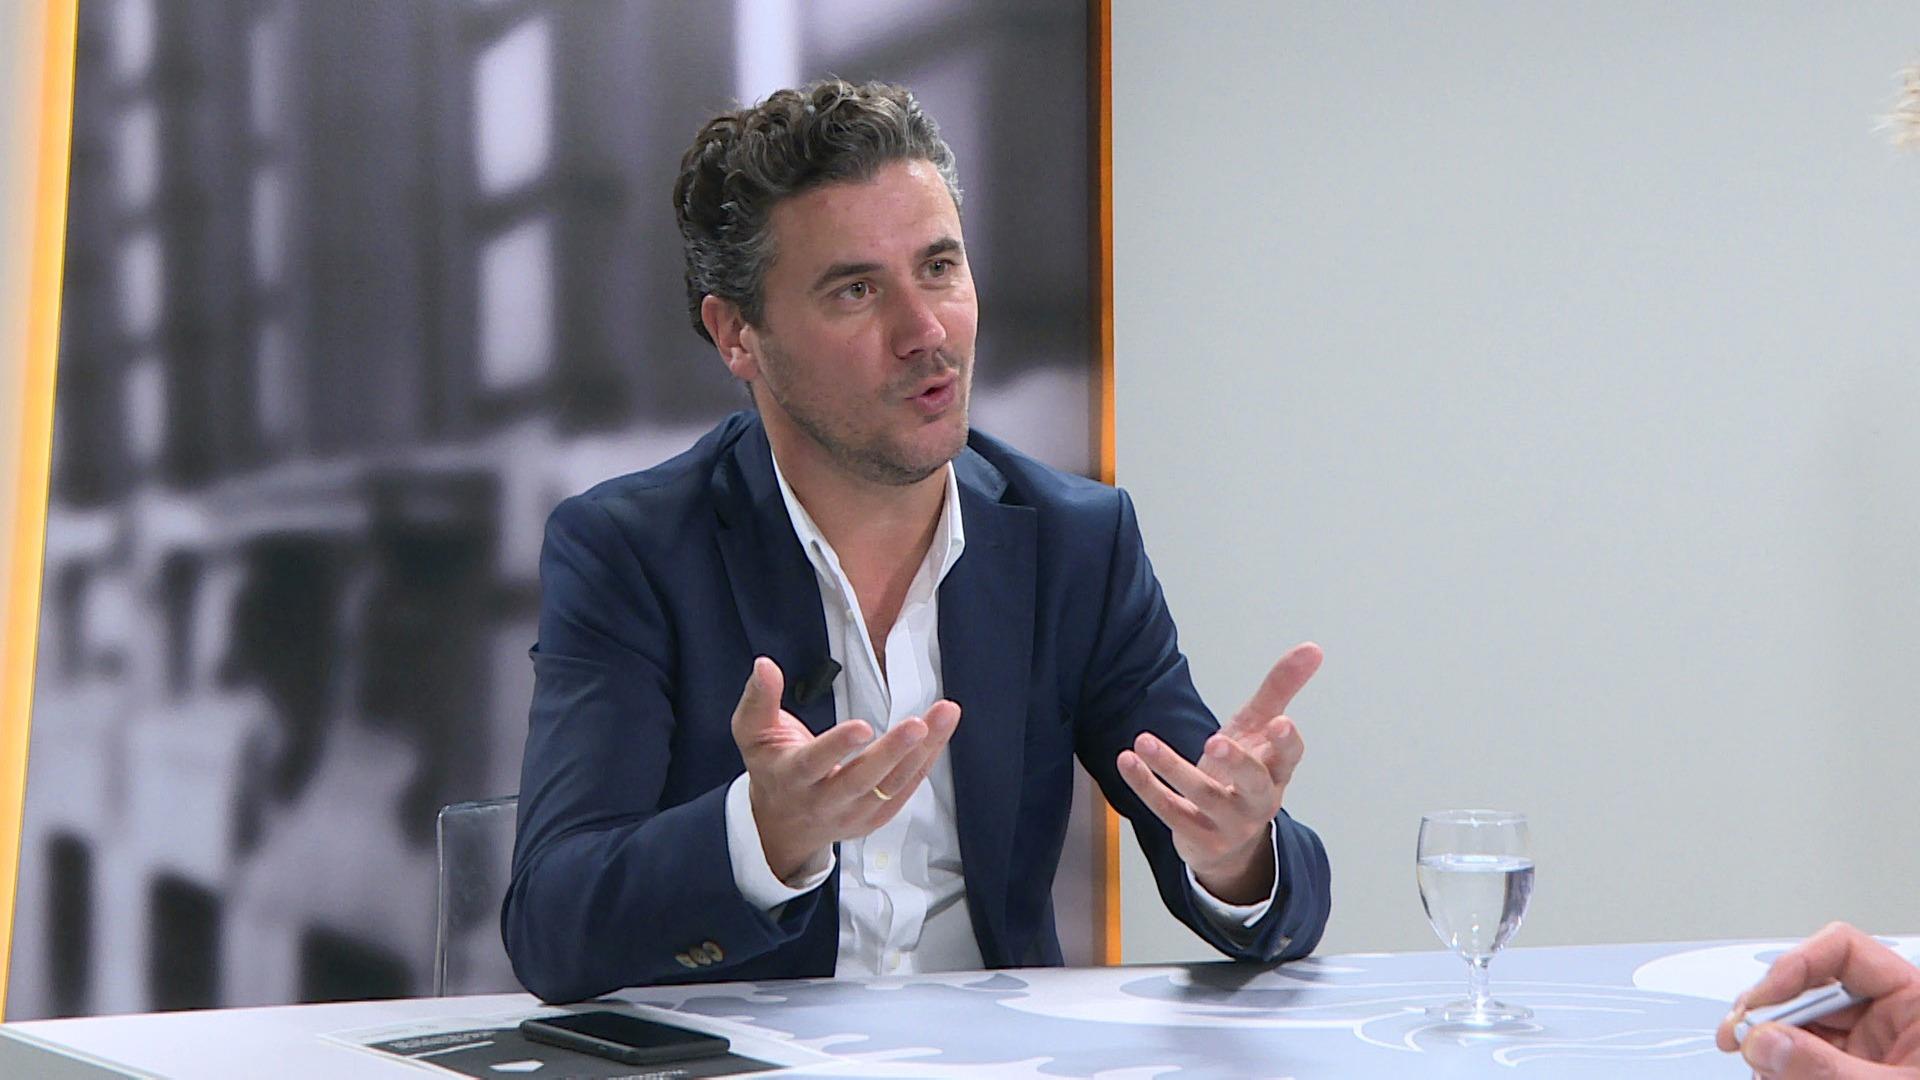 Studio Vlaams Parlement: Joris Vandenbroucke over WoninGent